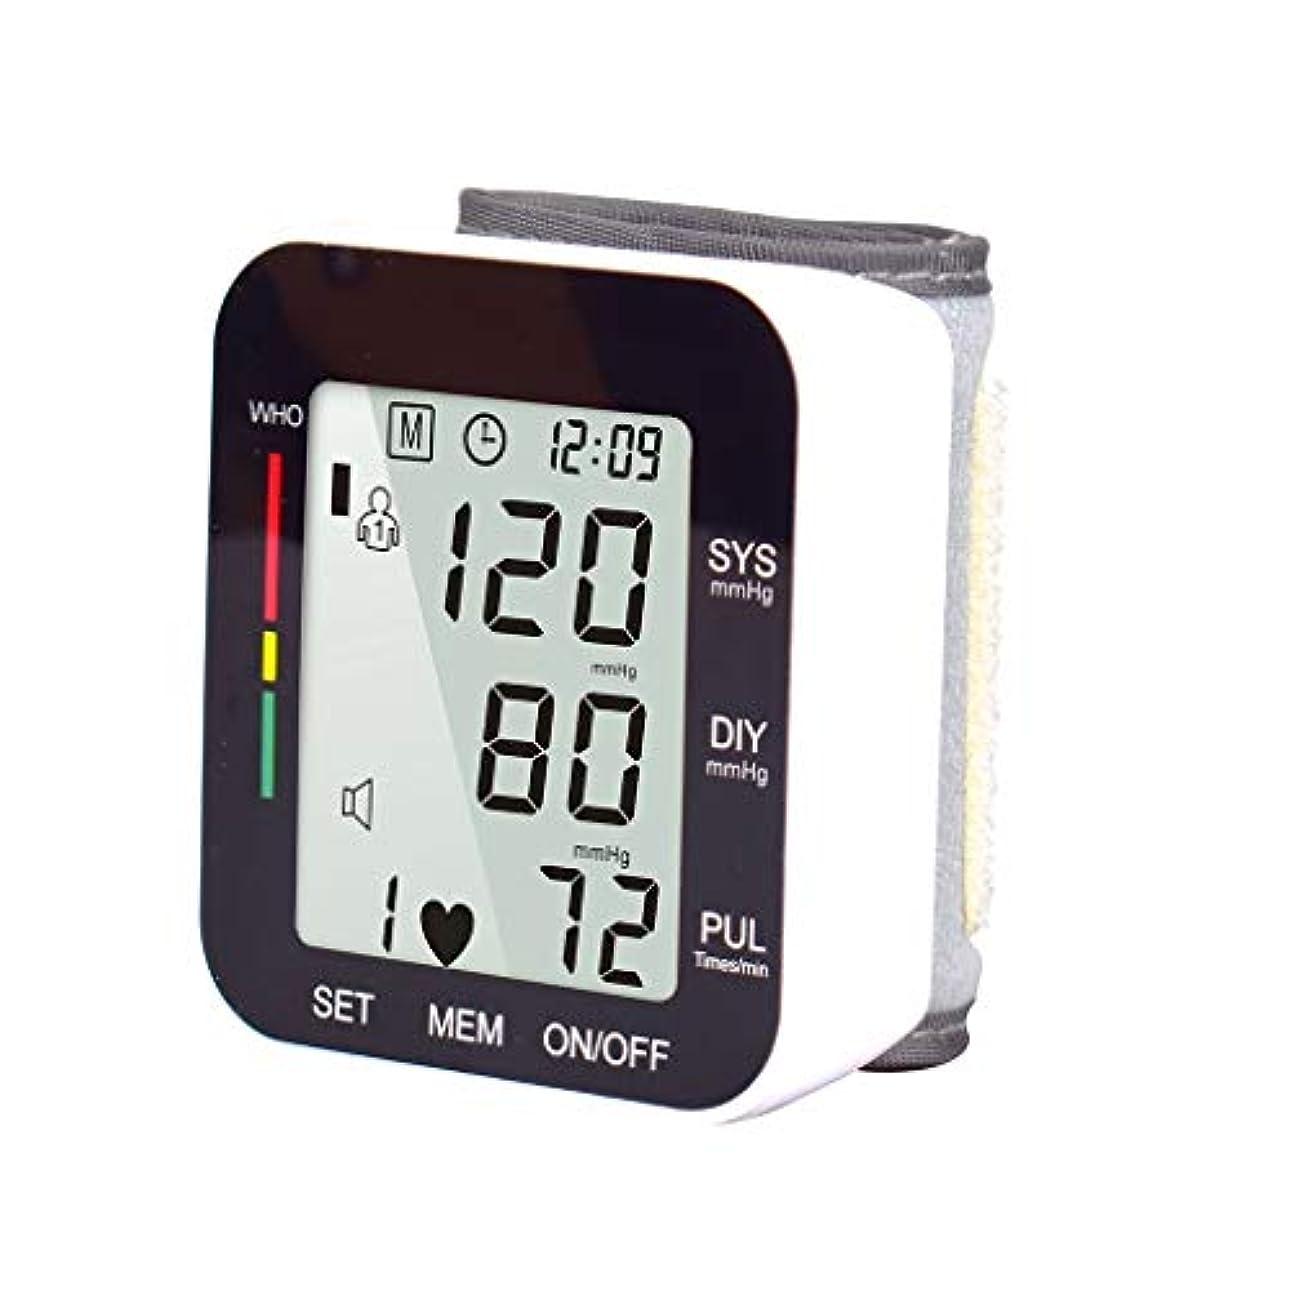 考えたエーカー手首アッパーアームLCDデジタルディスプレイ用血圧モニターインテリジェント心拍検出デュアル電源の高密度ポリエチレン住宅 (Color : Black)